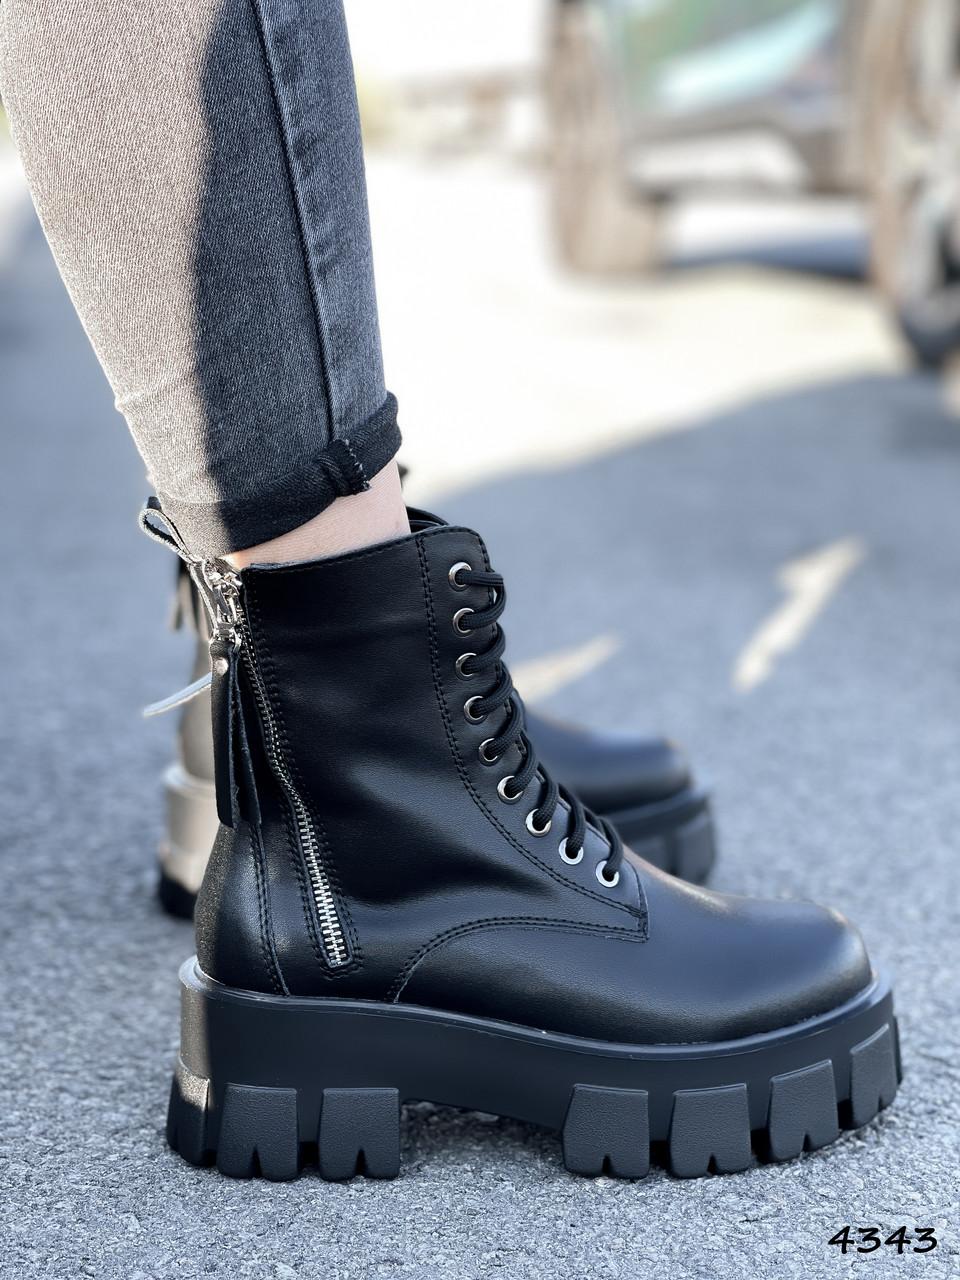 Черевики жіночі Gilone чорні 4343